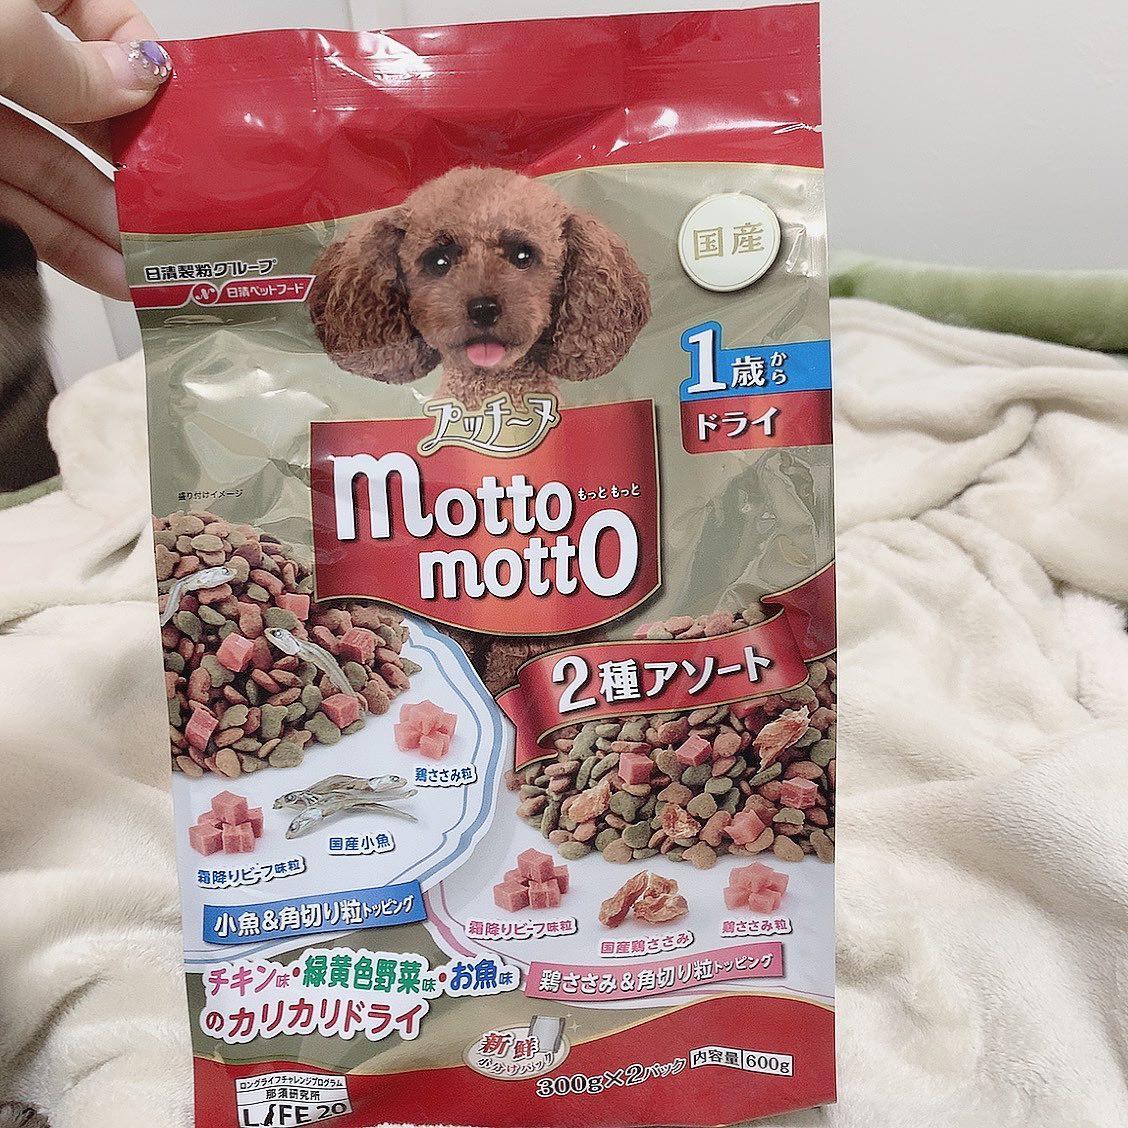 口コミ投稿:今回もモニプラ当選ありがとうございました🥺愛犬たちが大喜びでいつものご飯よりがっ…